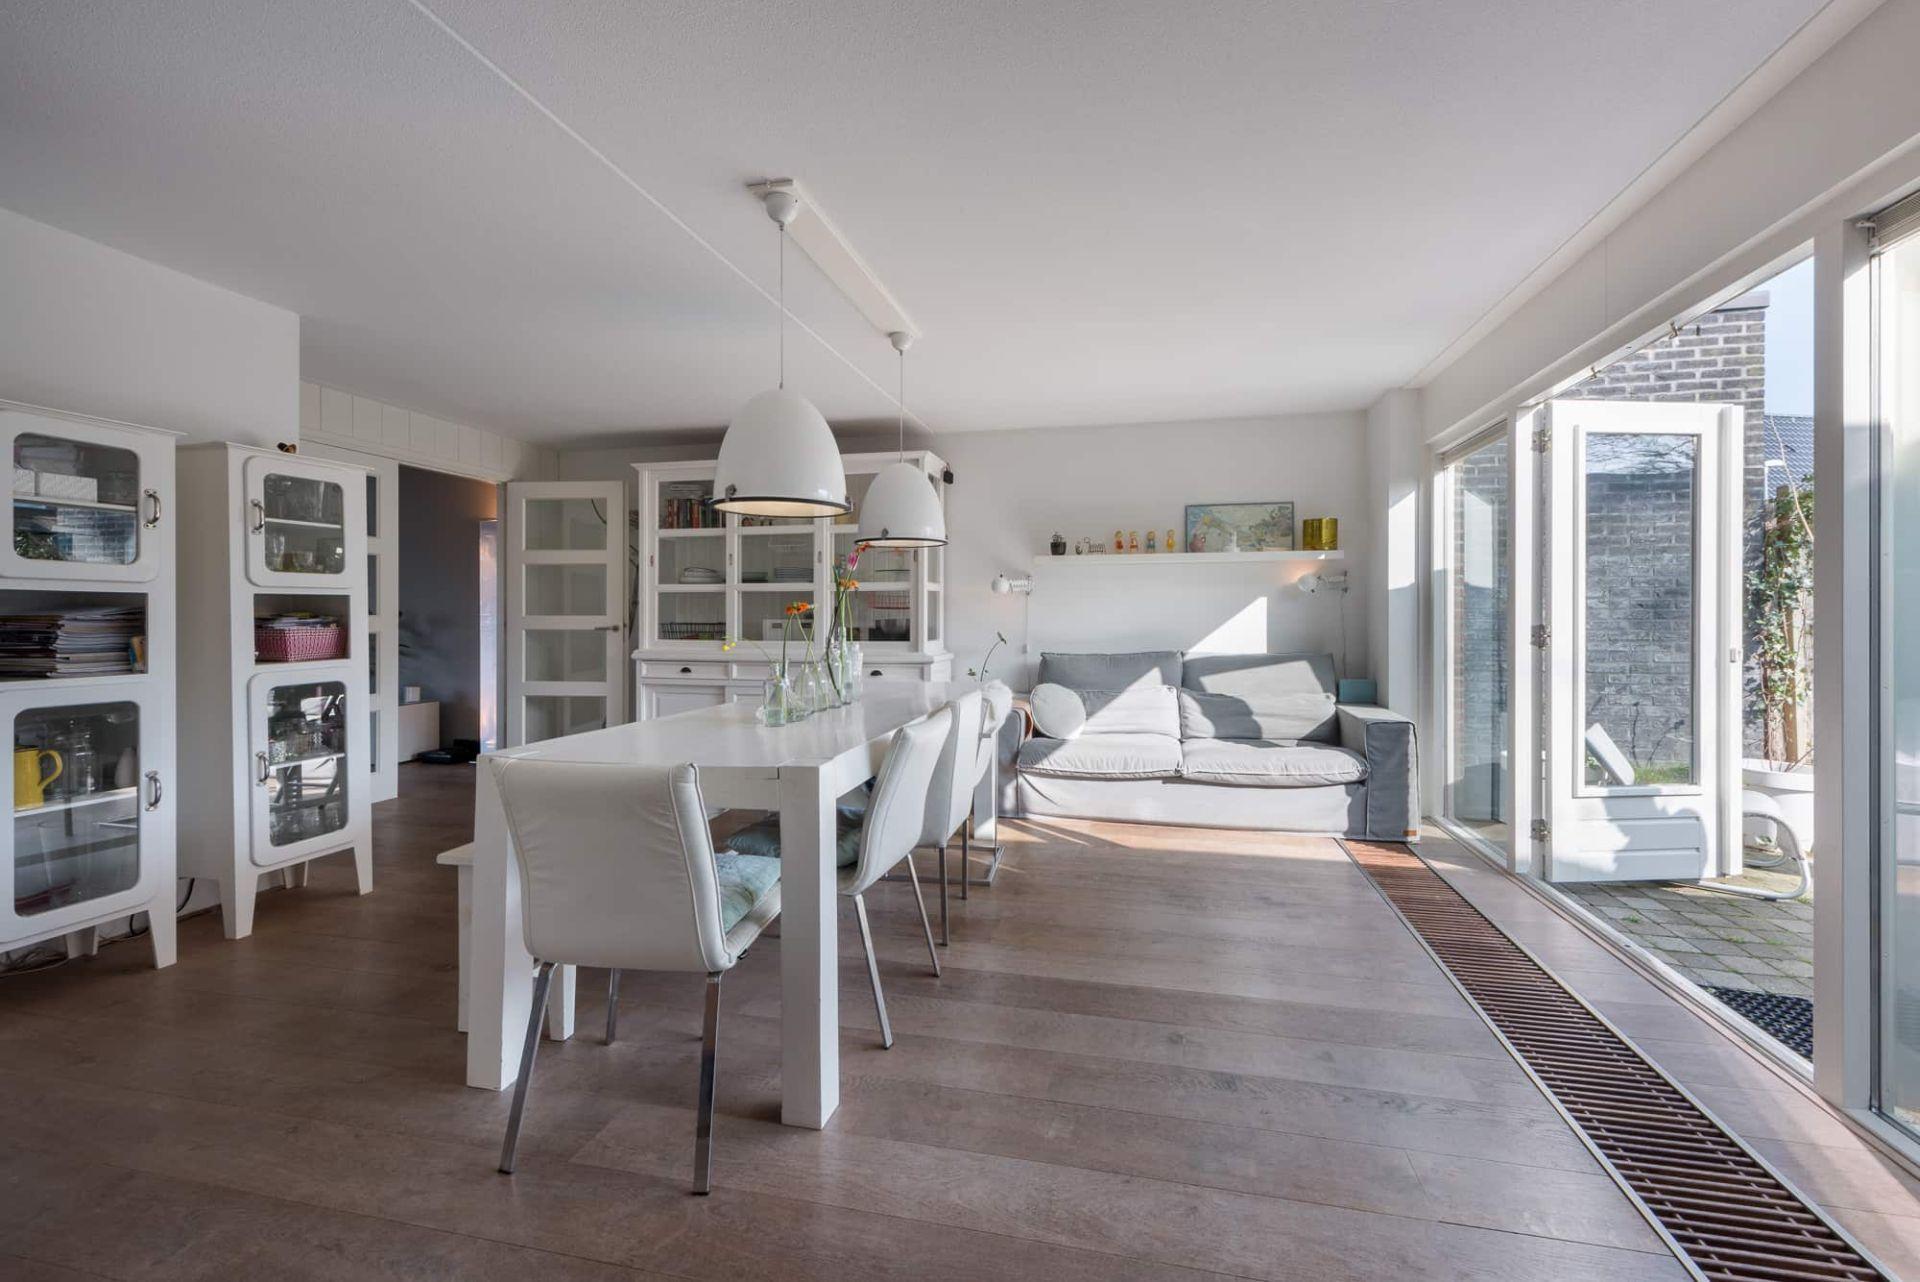 Gold Coast 7 Ein ideales Einfamilienhaus für 6 Personen in Bergen, mit einem Garten nach Süden.